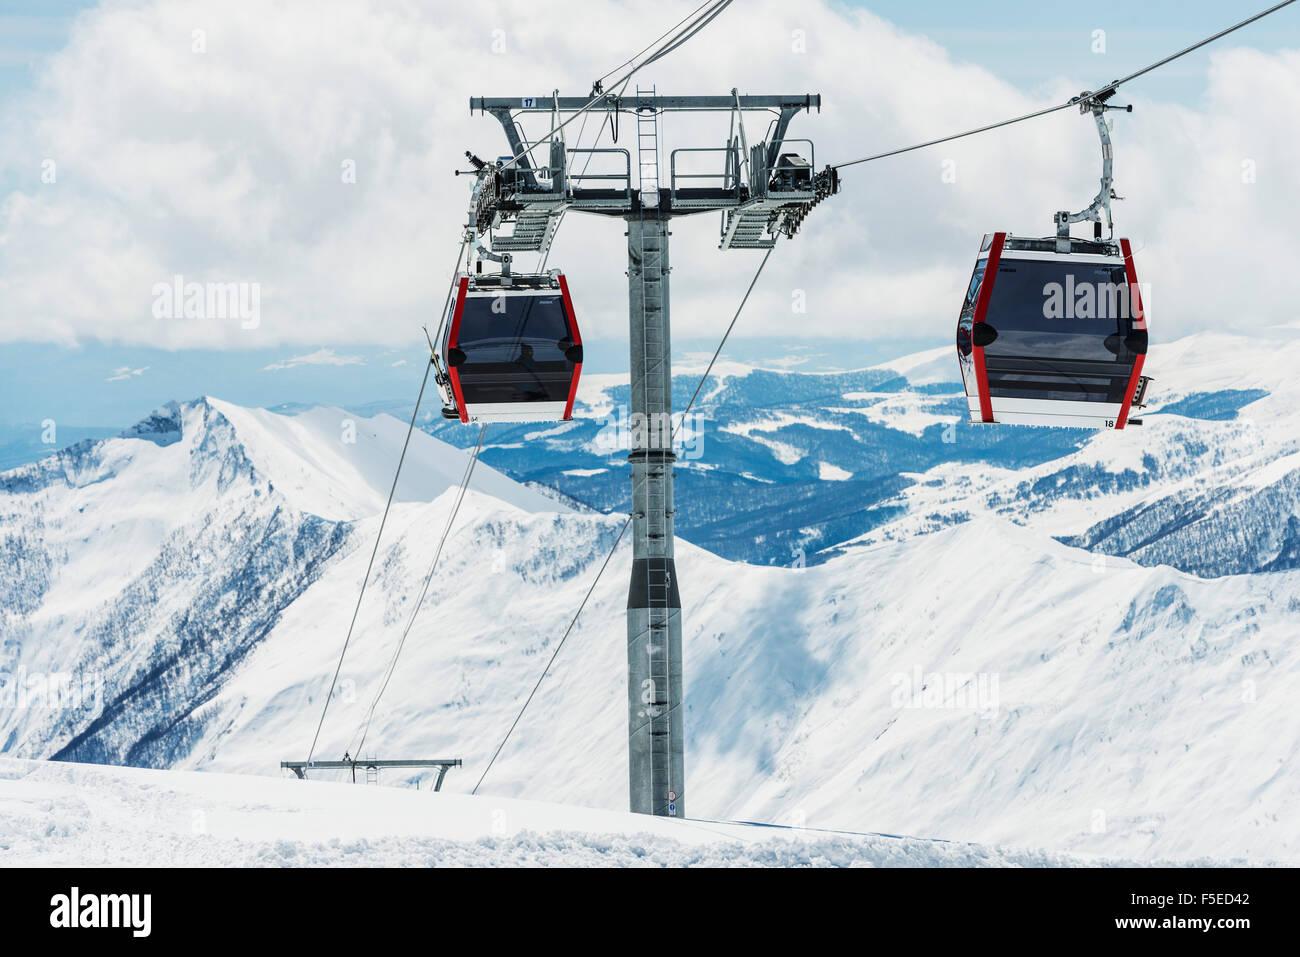 Telecabina, Gudauri ski resort, Georgia, la región del Cáucaso, Asia Central, Asia Imagen De Stock